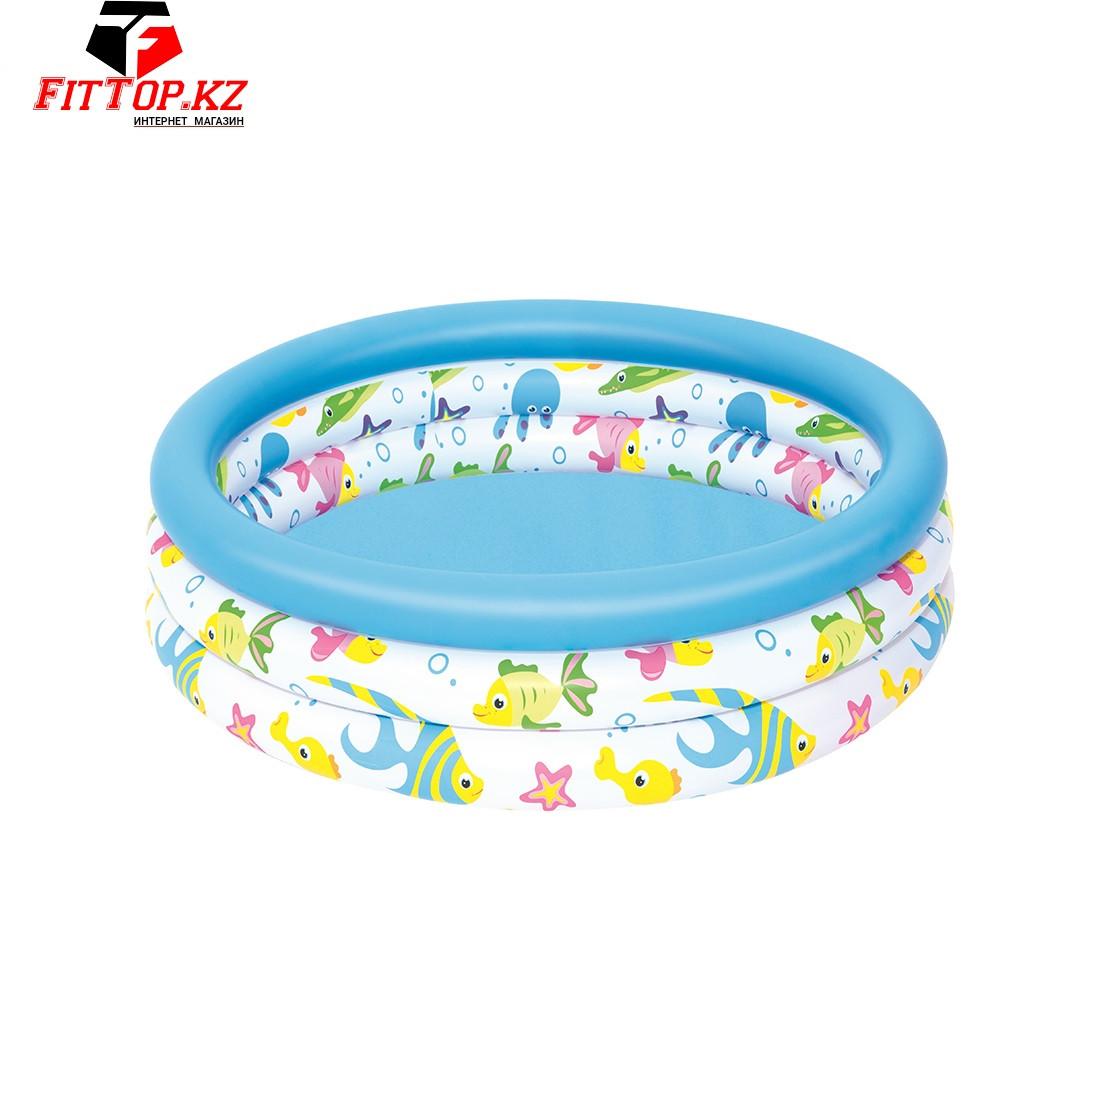 Детский надувной бассейн Coral Kids 102 х 25 см, BESTWAY, 51008 (51008E), Винил, 101л., 2+